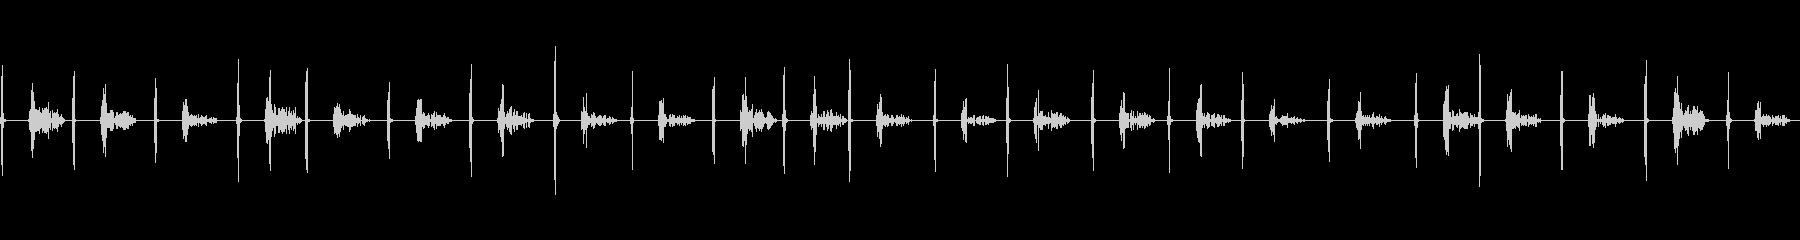 足音(子どもがスリッパで水辺で遊ぶ)の未再生の波形